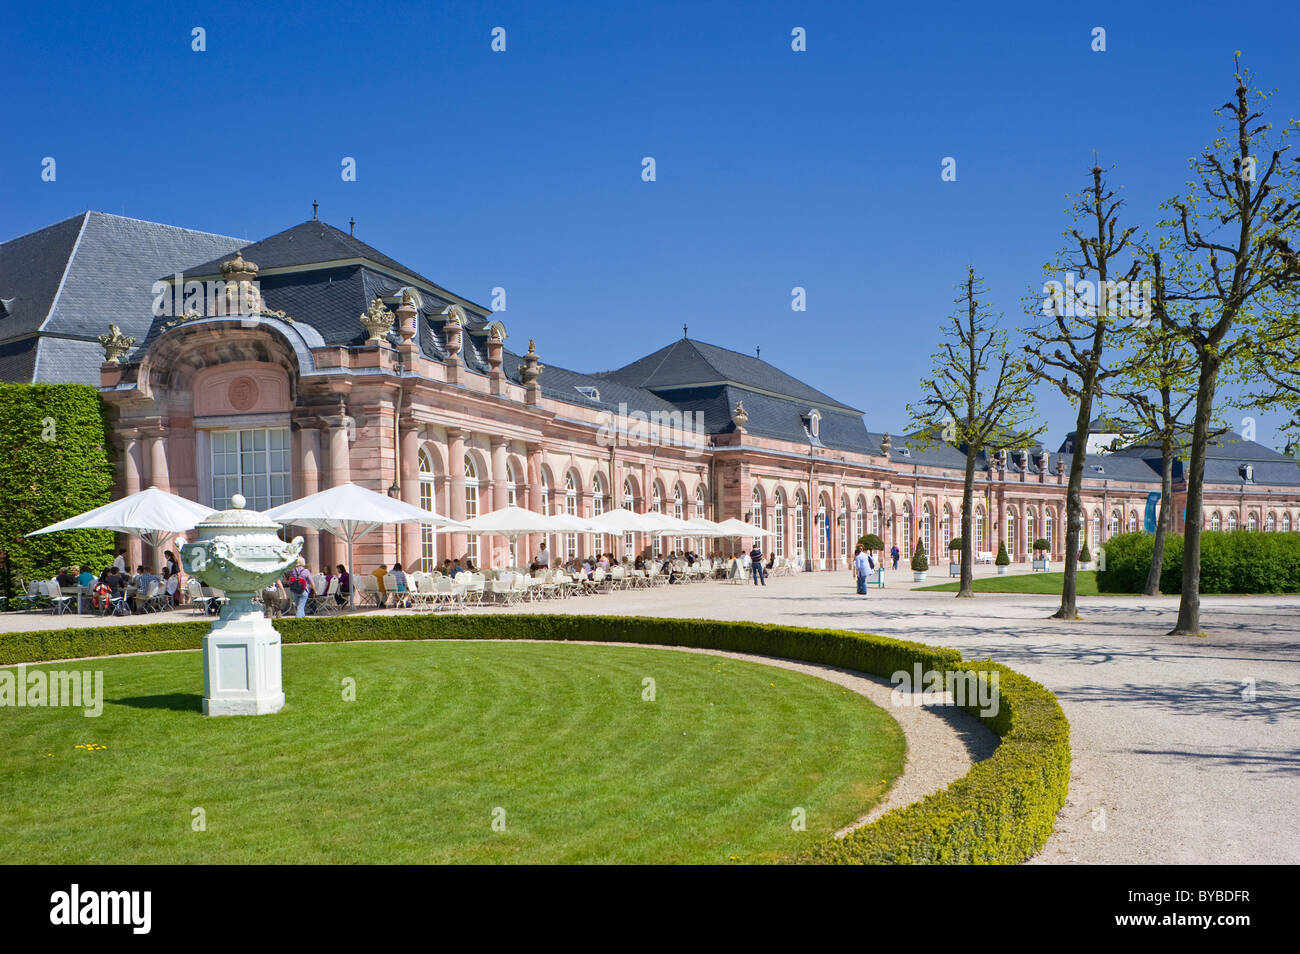 Schloss Schwetzingen Palace, Palace Gardens, north Zirkelbau building, Schwetzingen, Electoral Palatinate, Baden - Stock Image